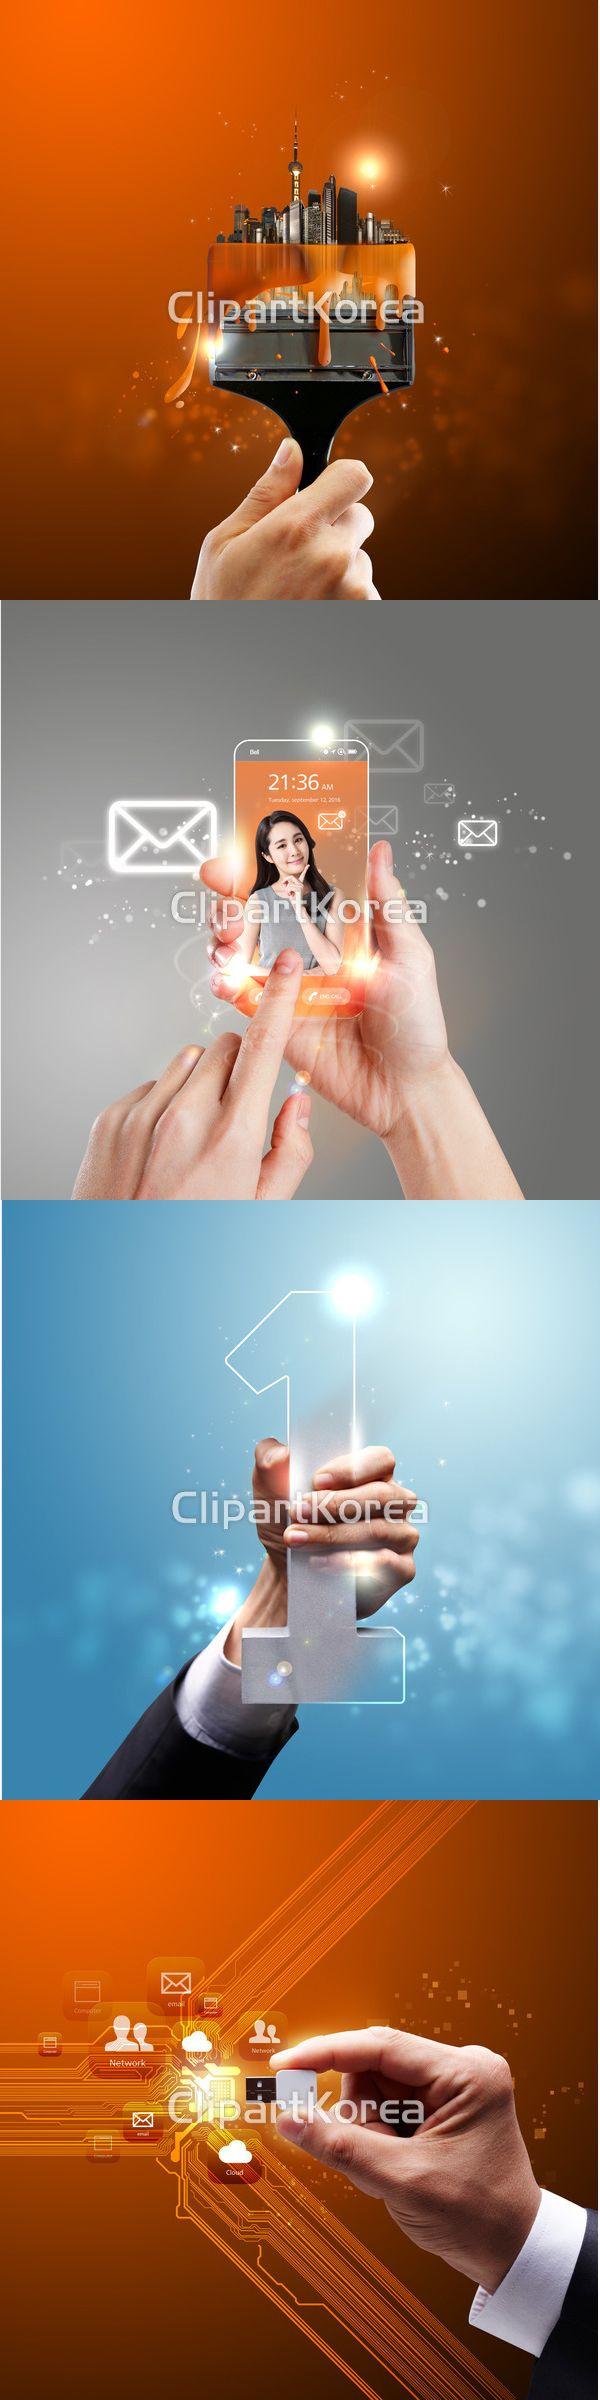 디자인소스 광채 글로벌 네트워크 모션 무선통신 부분 블루 비즈니스 빛 사람 색 손 신체 연결 제스처 지구 컨셉 합성이미지 light global network motion wifi part blue business human color hand body connect communication gesture concept composite image graphic design source #이미지투데이 #imagetoday #클립아트코리아 #clipartkorea #통로이미지 #tongroimages